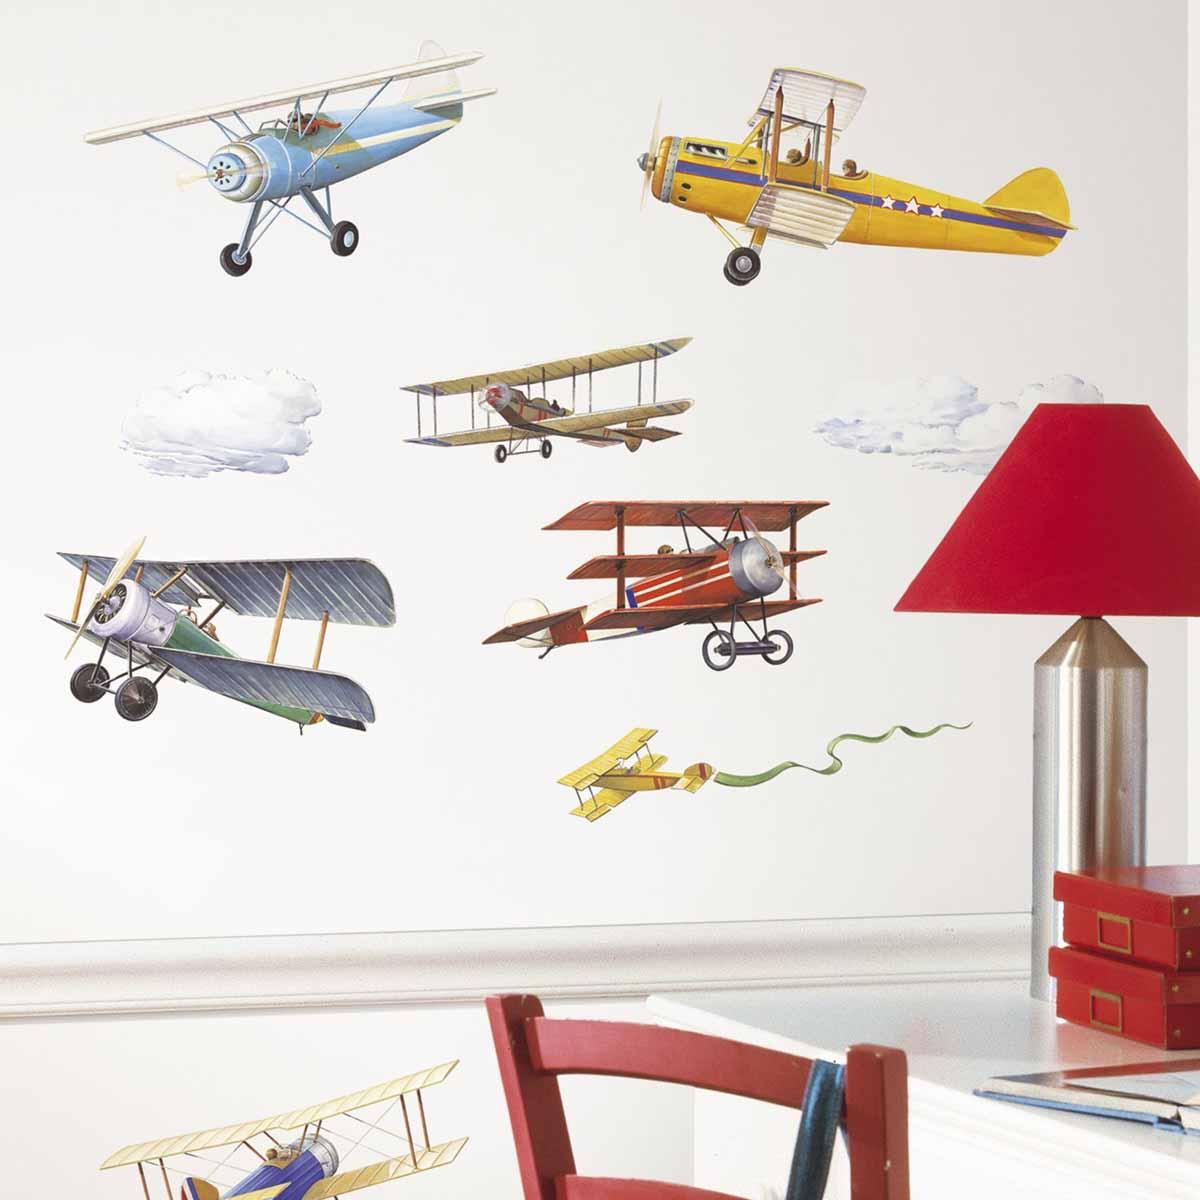 RoomMates Наклейка интерьерная Самолеты Исторические модели 22 штRMK1197SCSНаклейки интерьерные RoomMates Самолеты. Исторические модели станут украшением вашей квартиры!Устремитесь ввысь с новым увлекательным набором наклеек для декора! Наклейки, входящие в набор, содержат изображения винтажных самолетов. Набор прекрасно подходит для спальни, детской, игровой комнаты. Самолеты изображены в интересном и оригинальном стиле.Всего в наборе 22 стикера. Наклейки не нужно вырезать - их следует просто отсоединить от защитного слоя и поместить на стену или любую другую плоскую гладкую поверхность. Наклейки многоразовые: их легко переклеивать и снимать со стены, они не оставляют липких следов на поверхности.